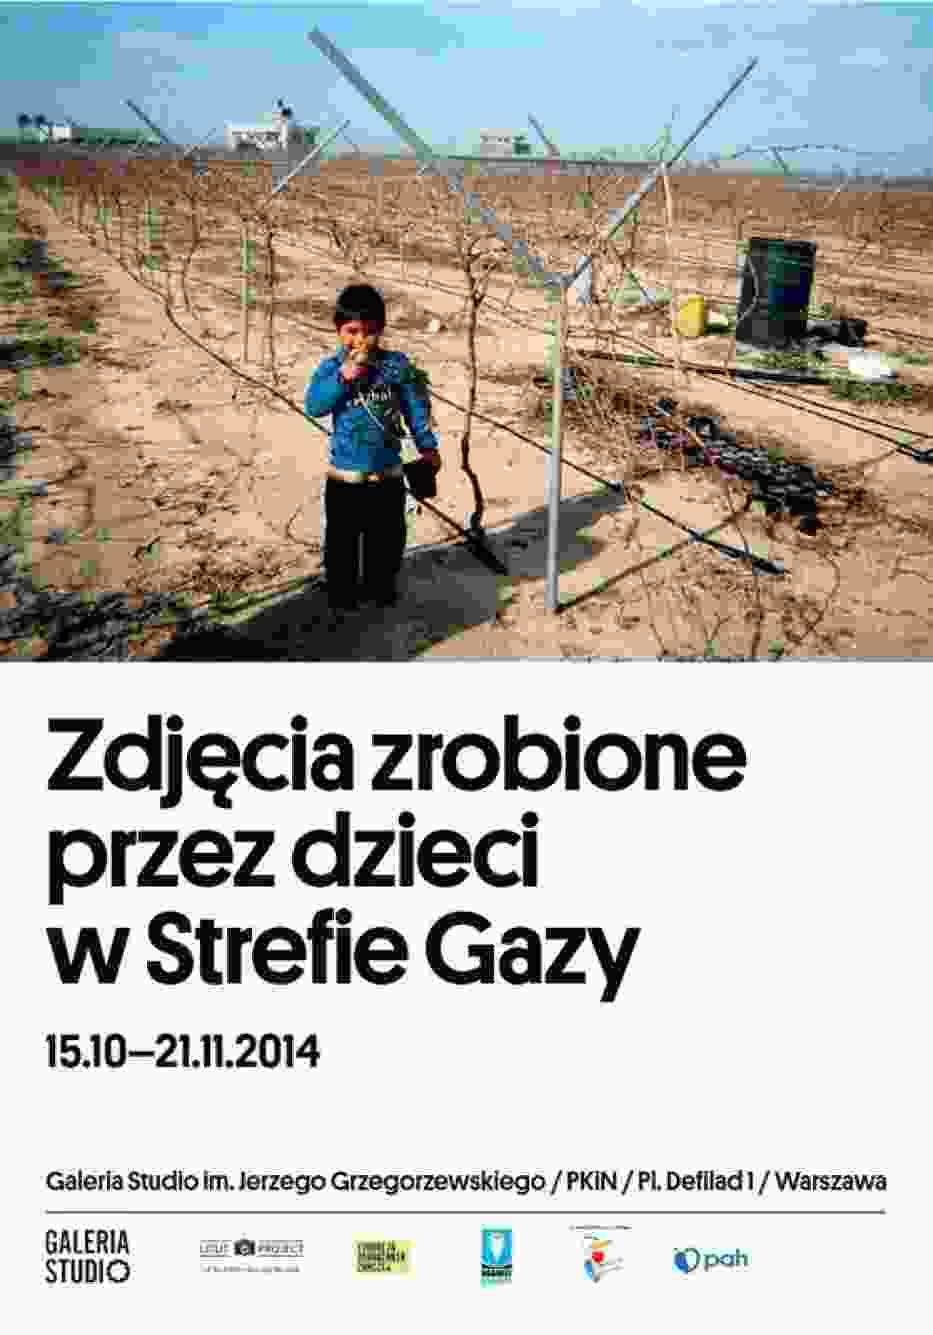 Plakat wystawy fotograficznej. / Fot. materiał promocyjny Teatru Studio w Warszawie